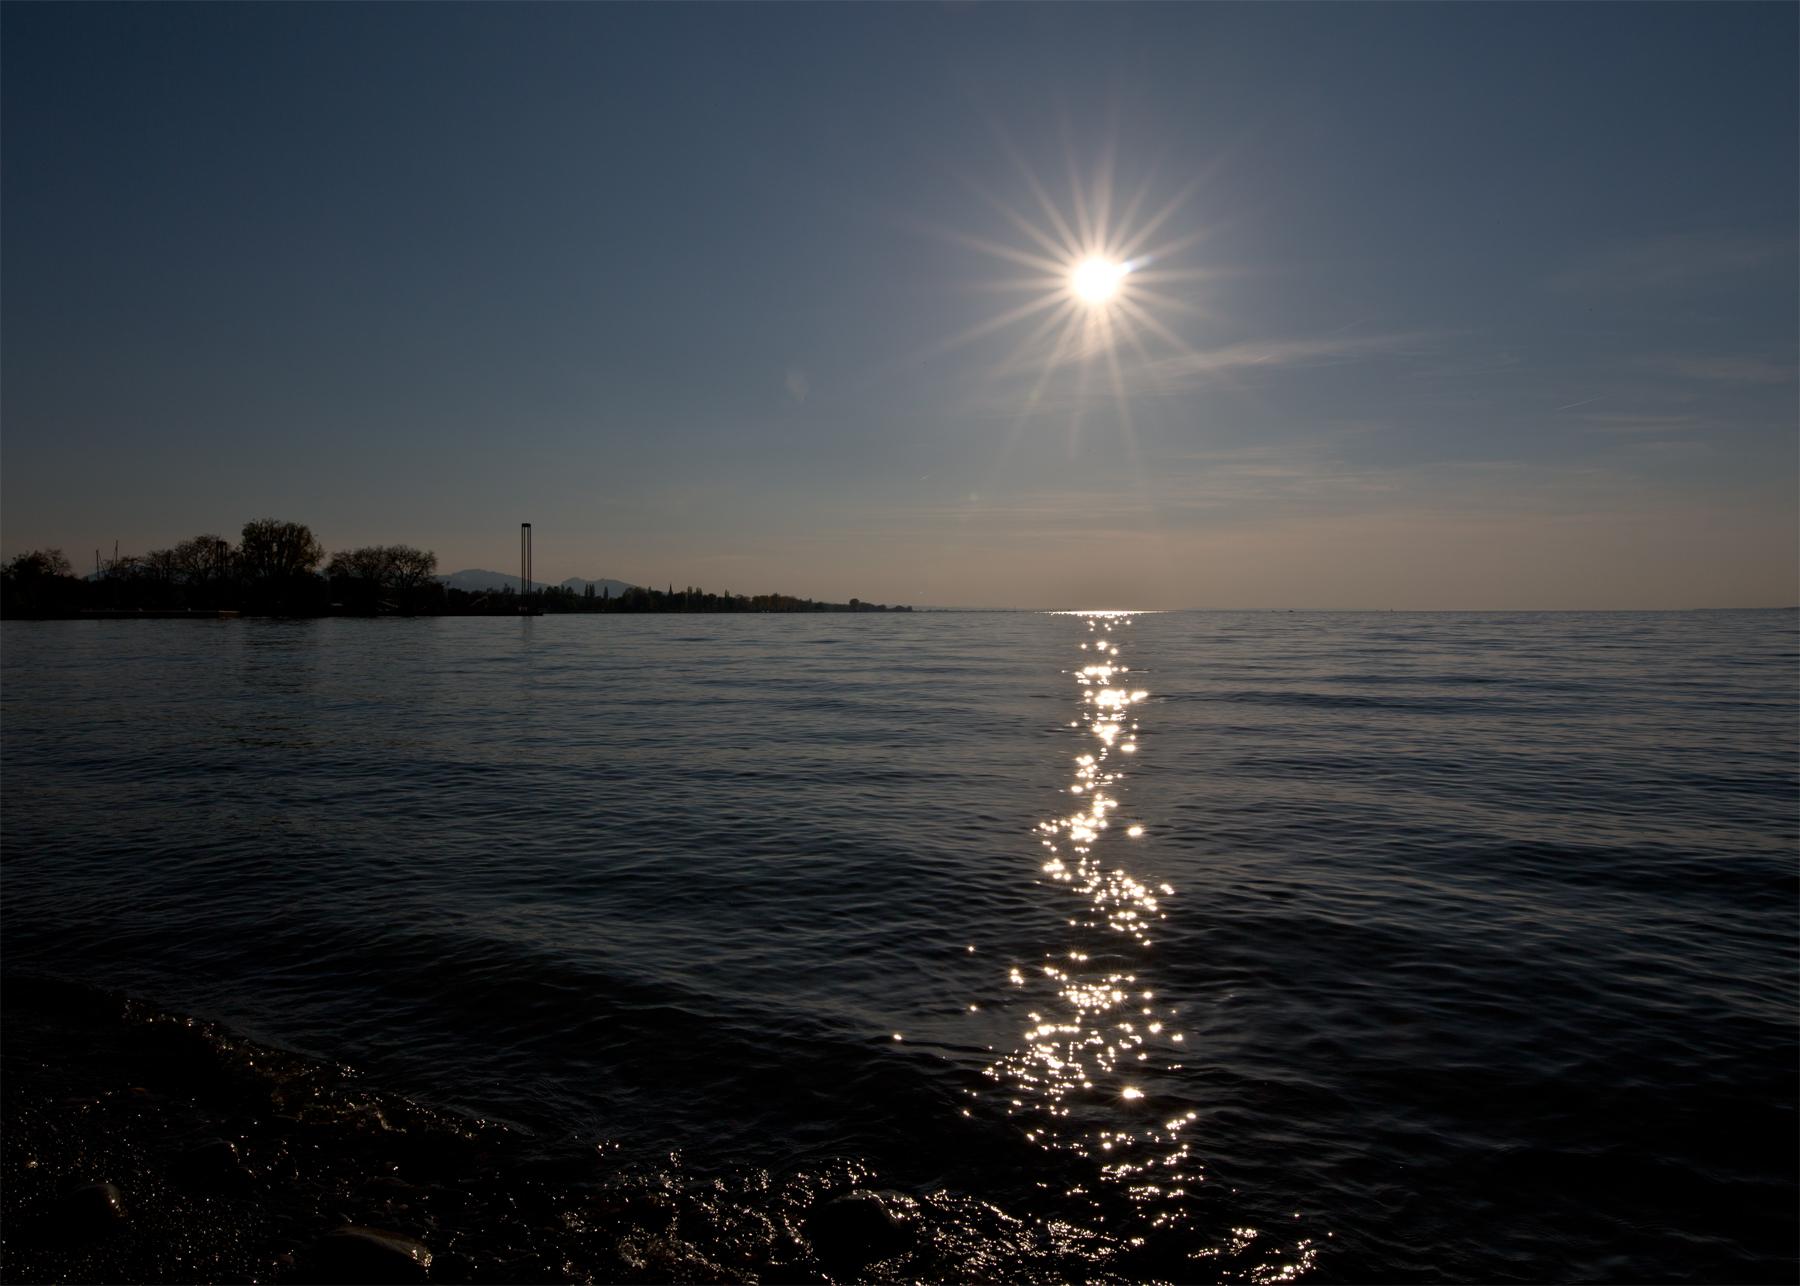 Hafen-Leuchtturm-Sonne-Spiegelung